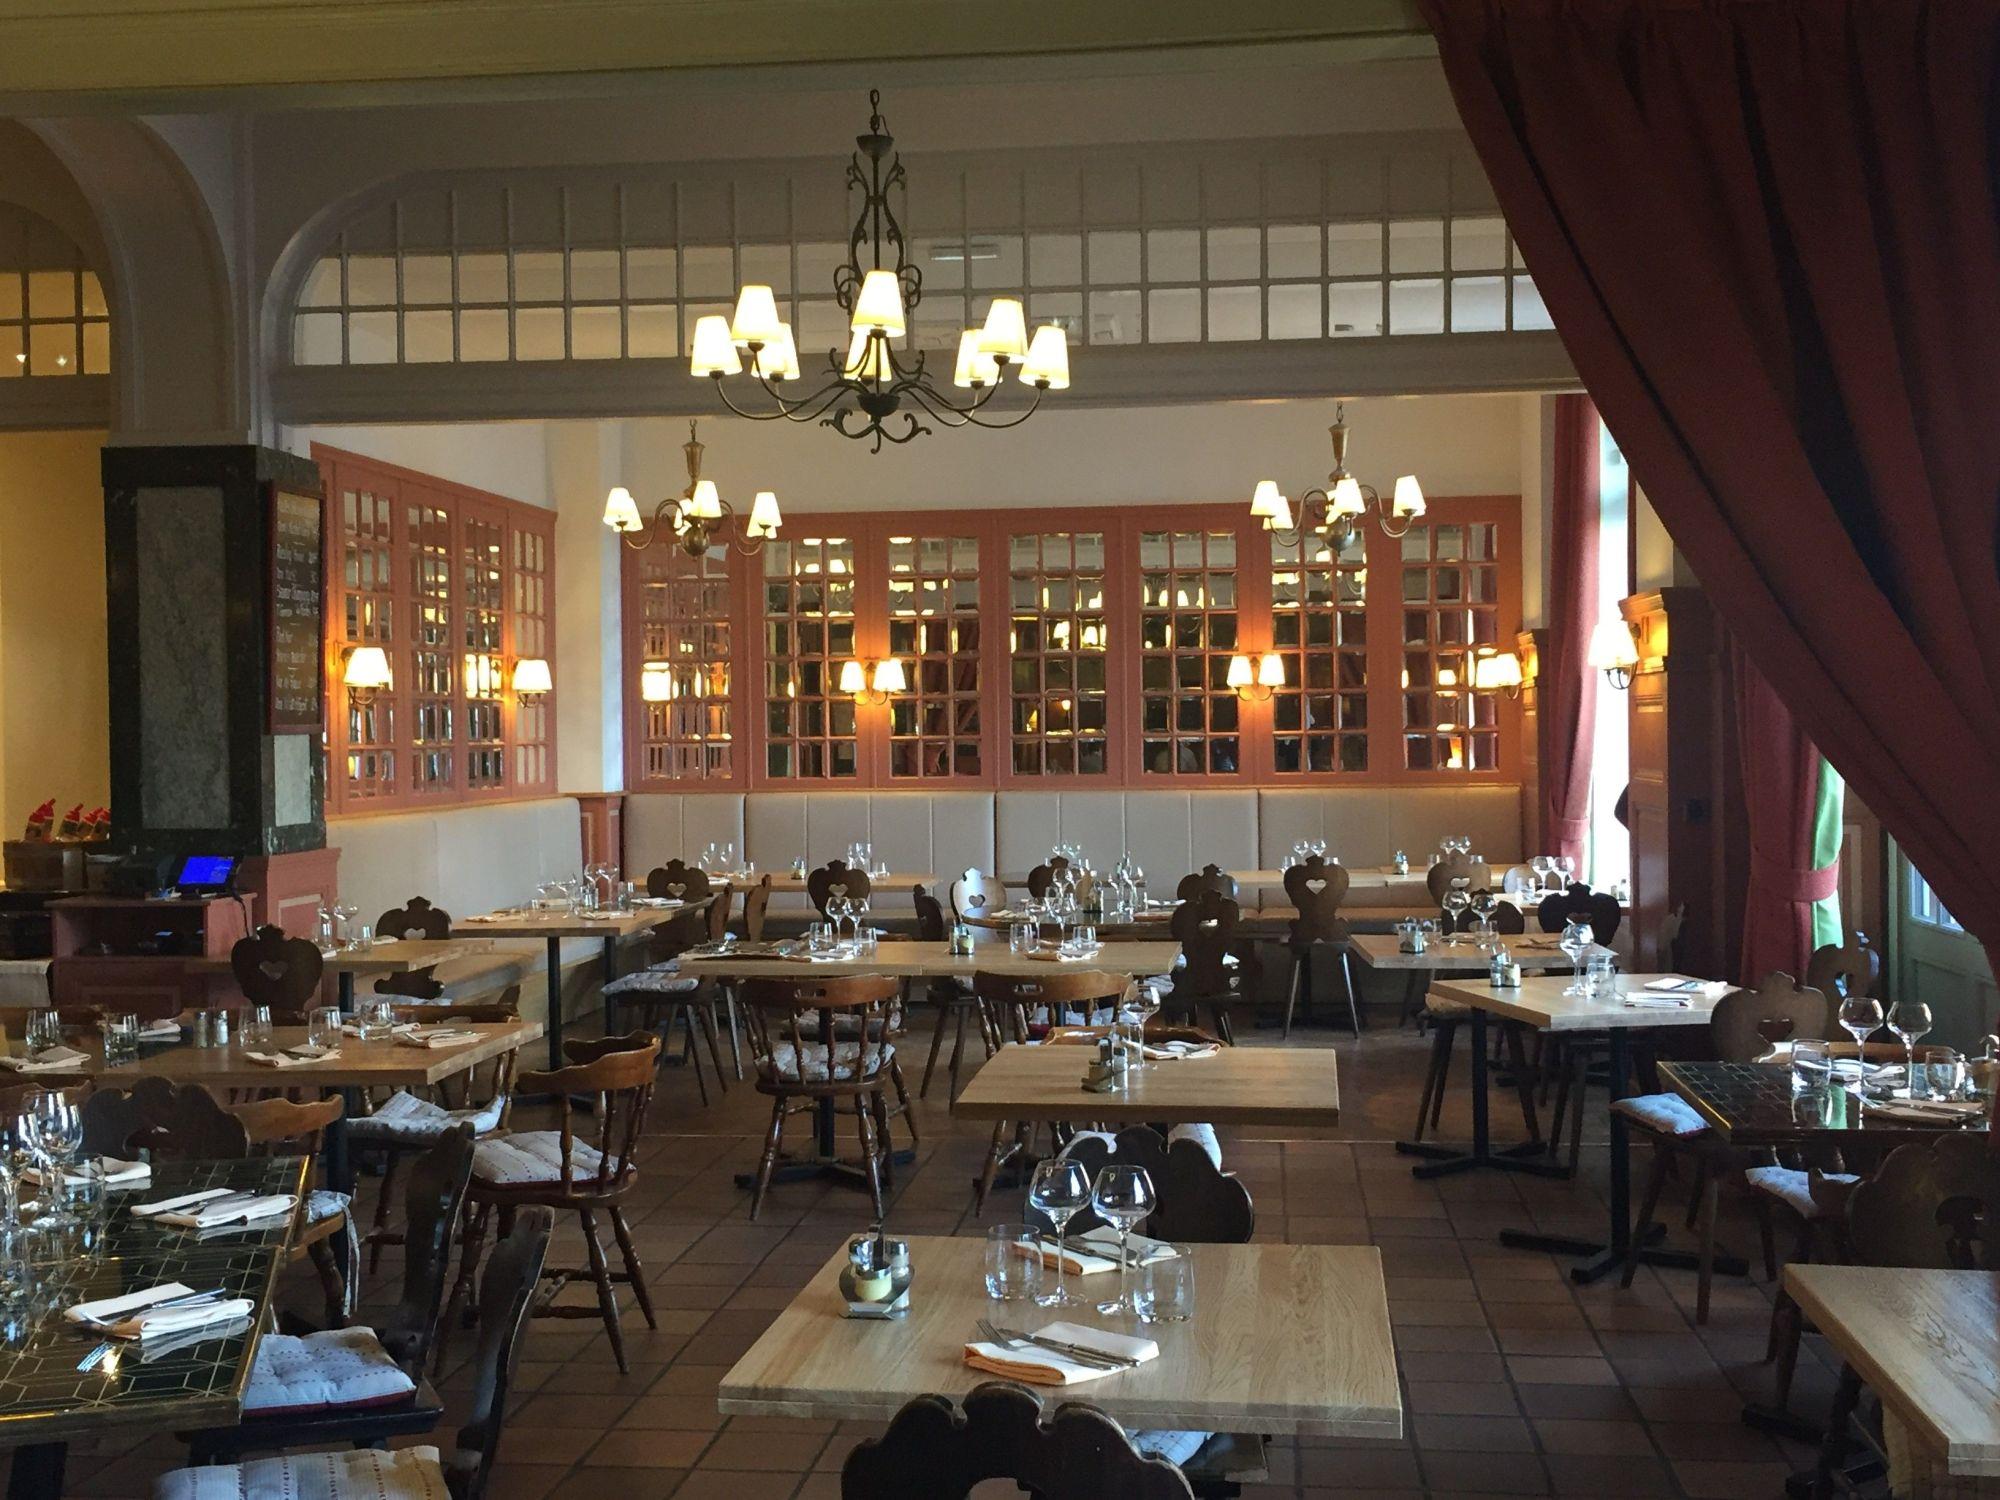 Brasserie l'Auberge (Grand Hotel Bristol) Colmar, Alsace http://www.grand-hotel-bristol.com/